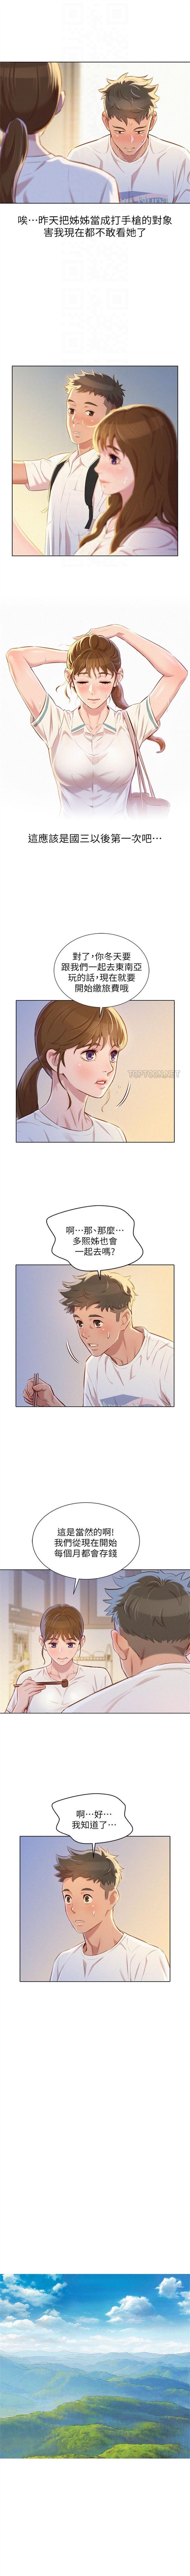 (周7)漂亮干姐姐  1-81 中文翻译 (更新中) 355